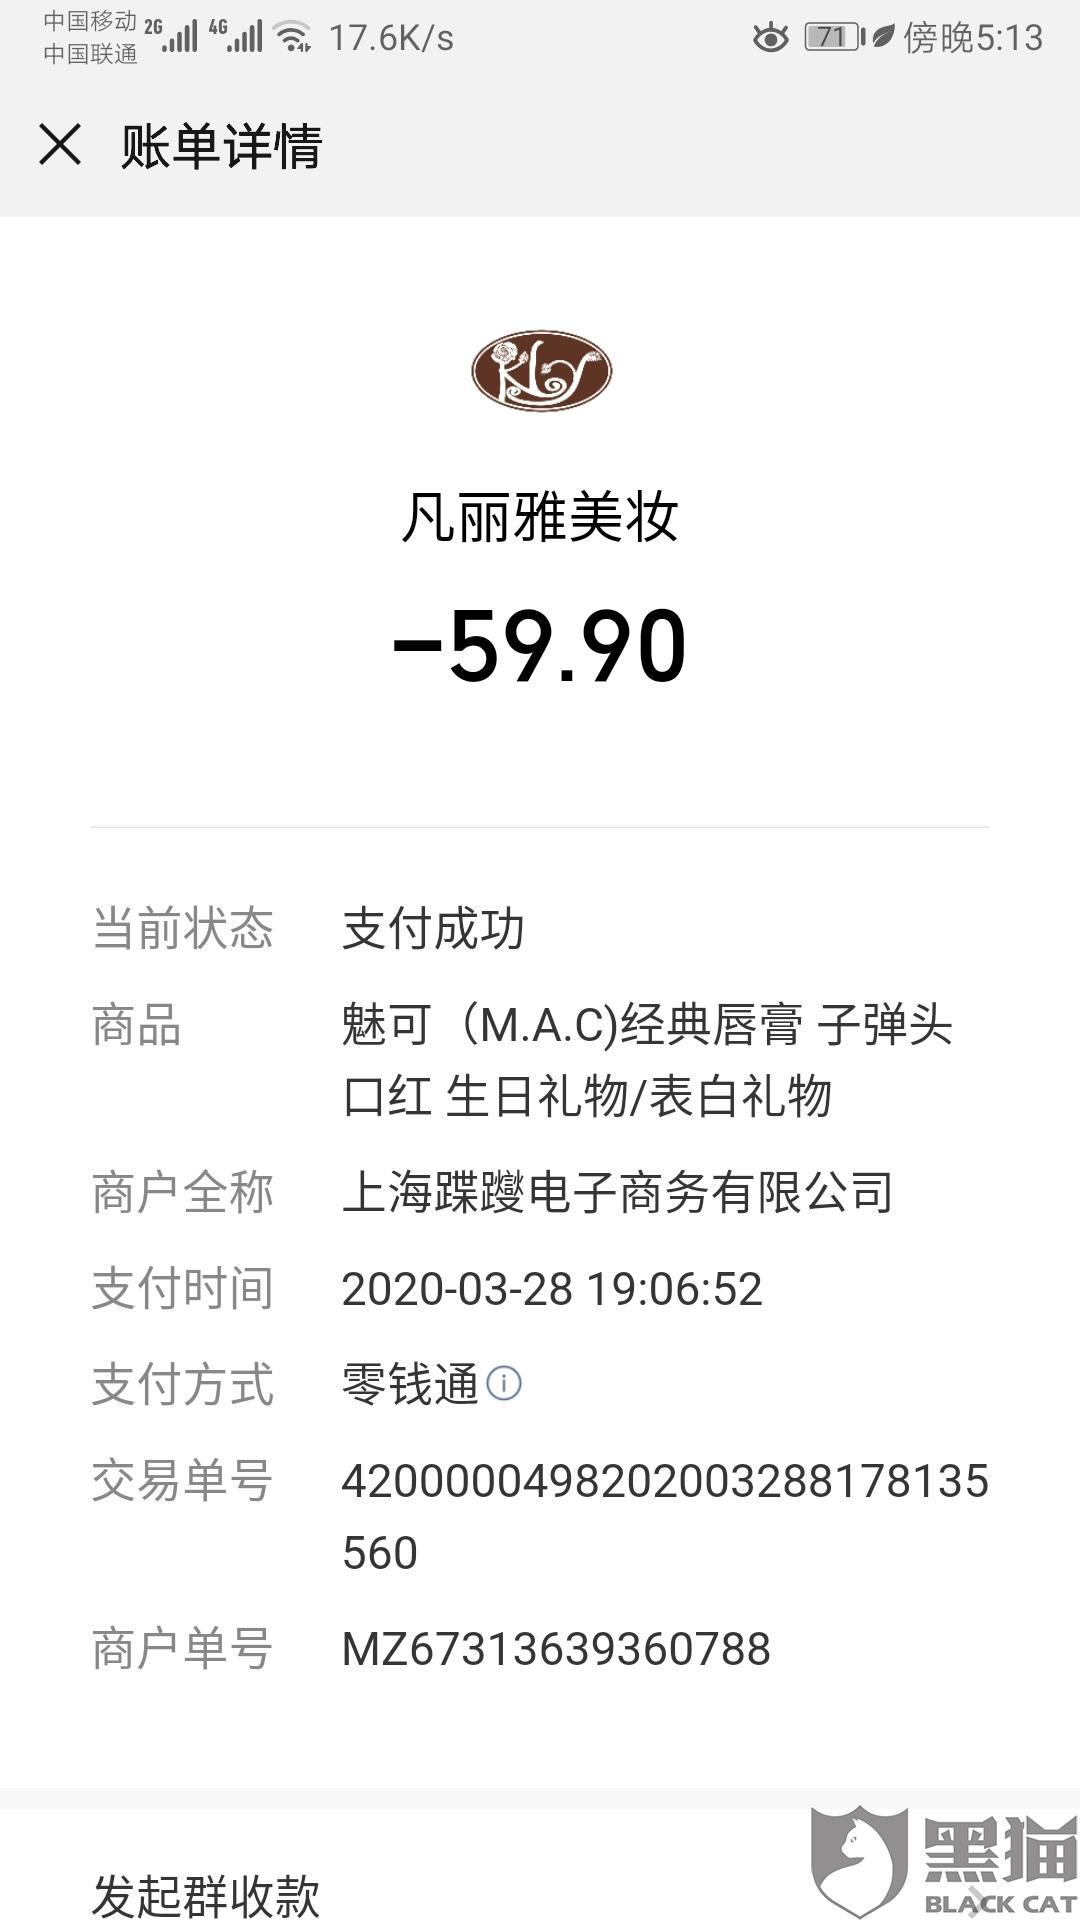 黑猫投诉:昨天从微信凡丽雅美妆小程序购买化妆品,购买24小时左右小程序被封,钱没有退回!